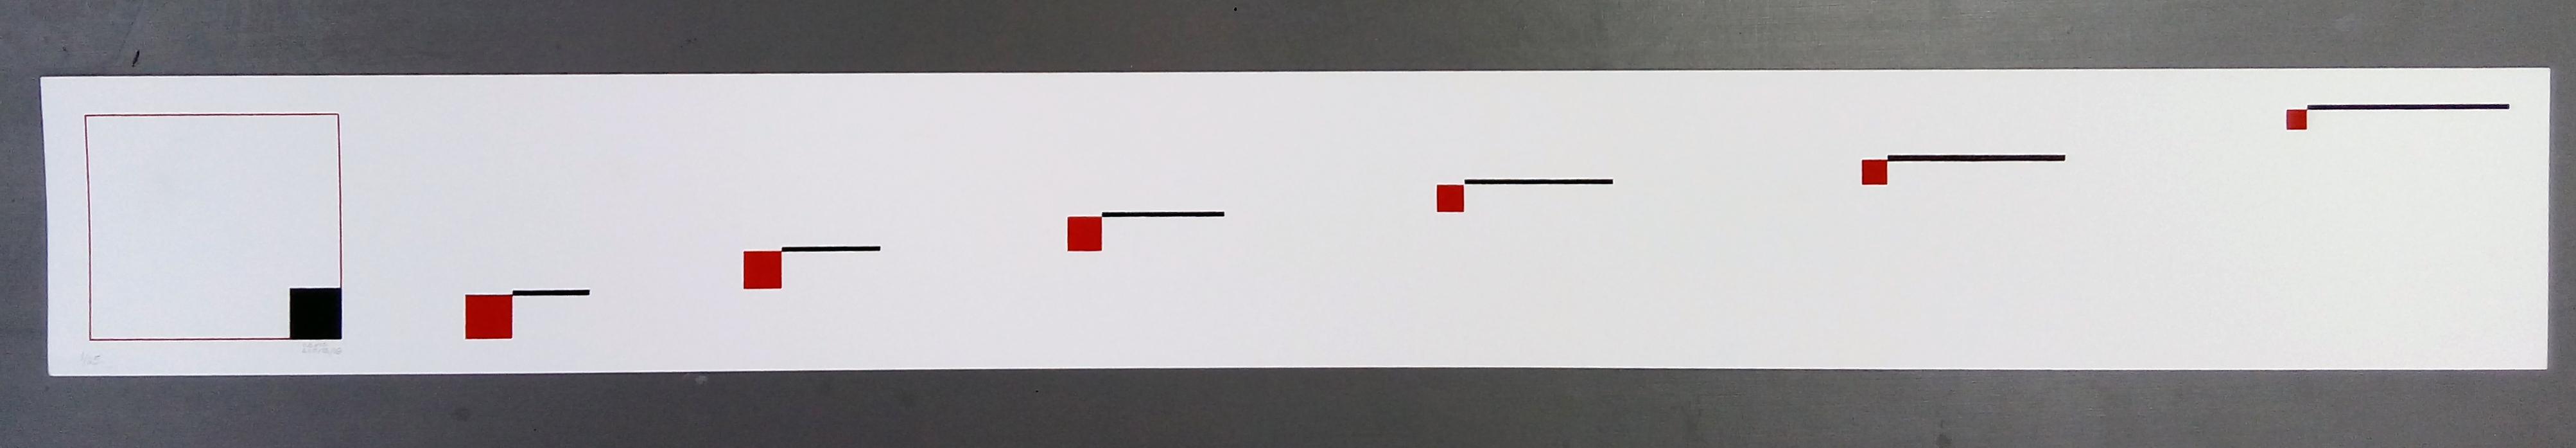 CT574 - 100x012